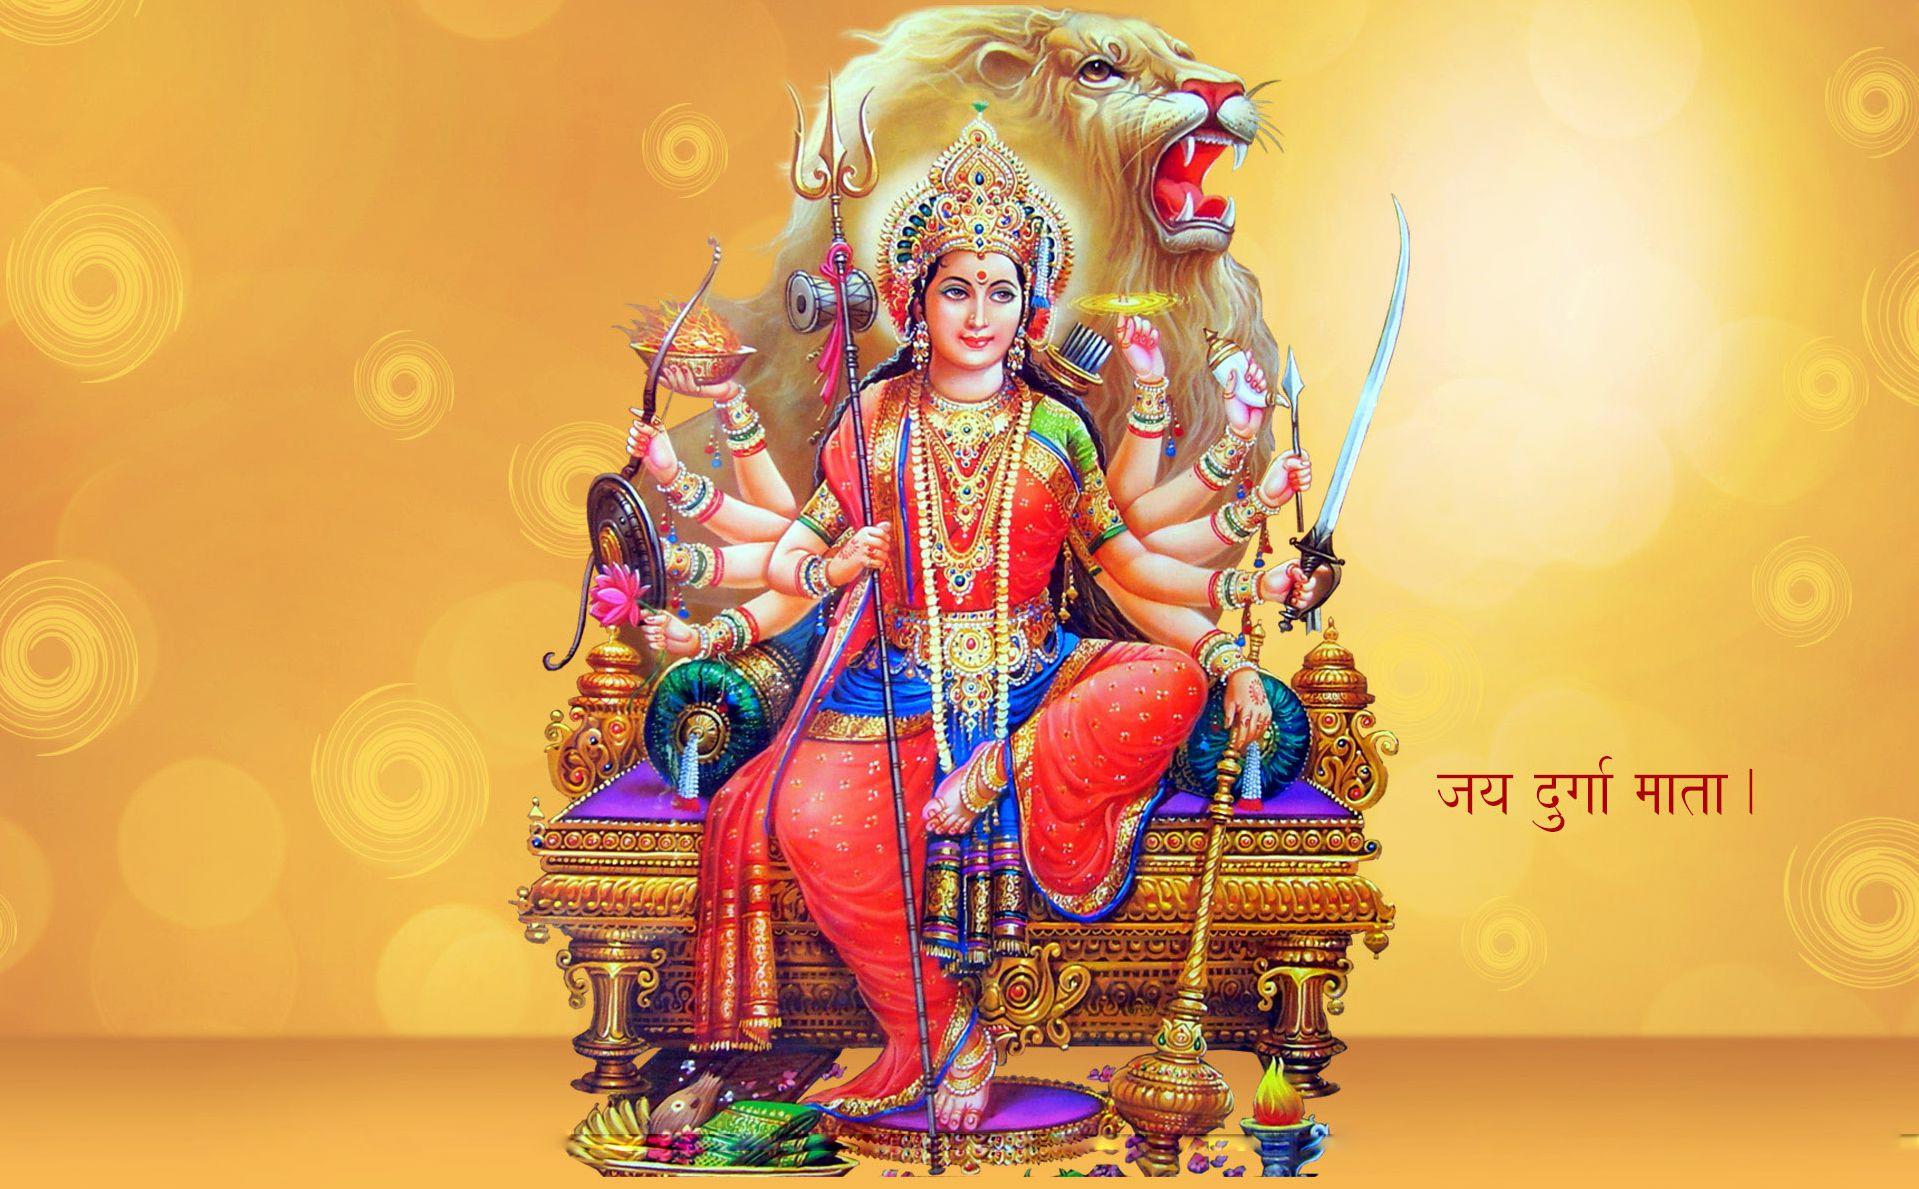 Maa Durga Image Hd Sherawali Maa Durga Wallpaper